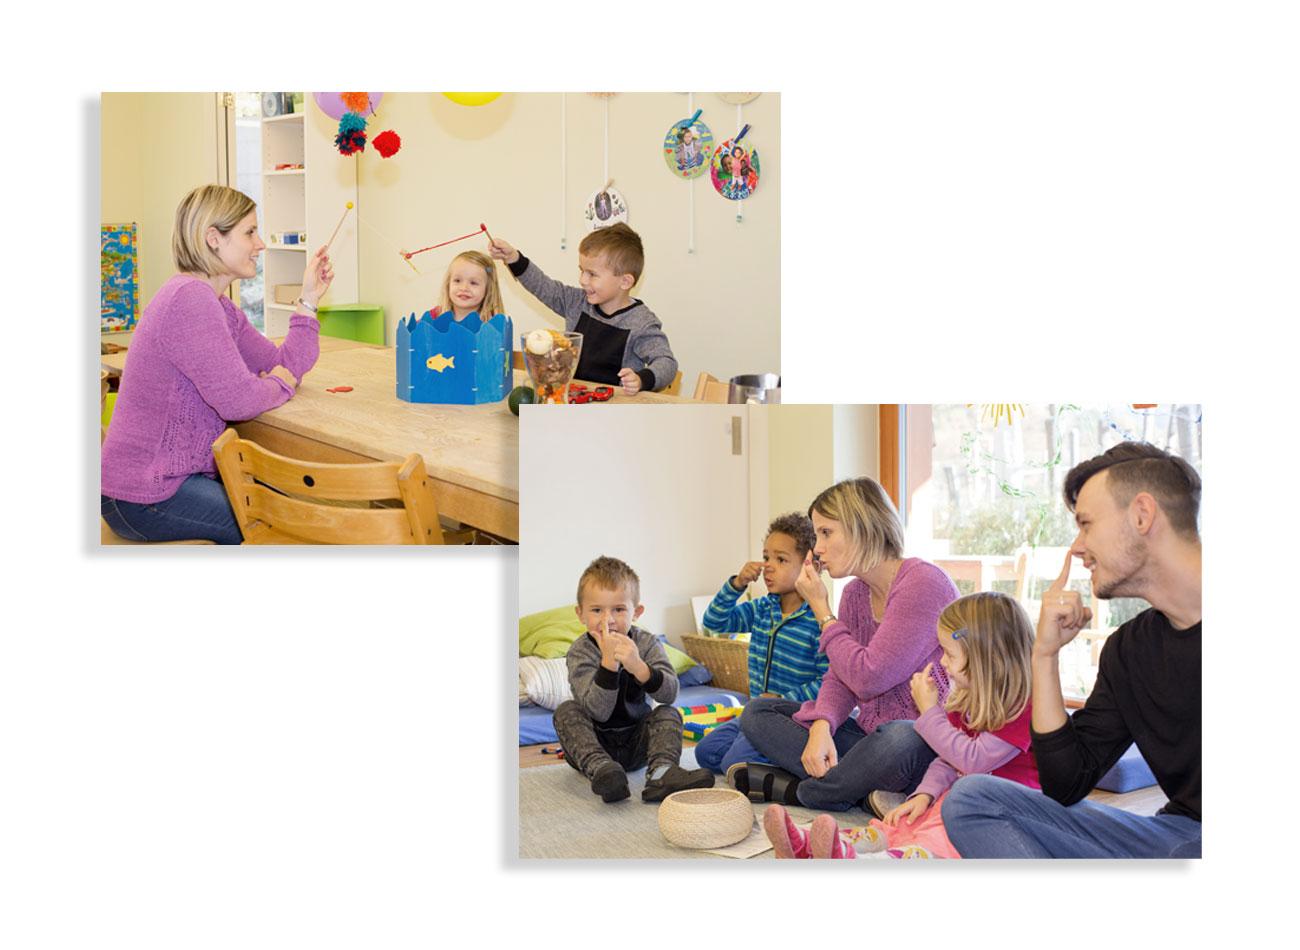 2 Fotografien zum Thema Kinderbetreuung für die Image Broschüre Münchenstein